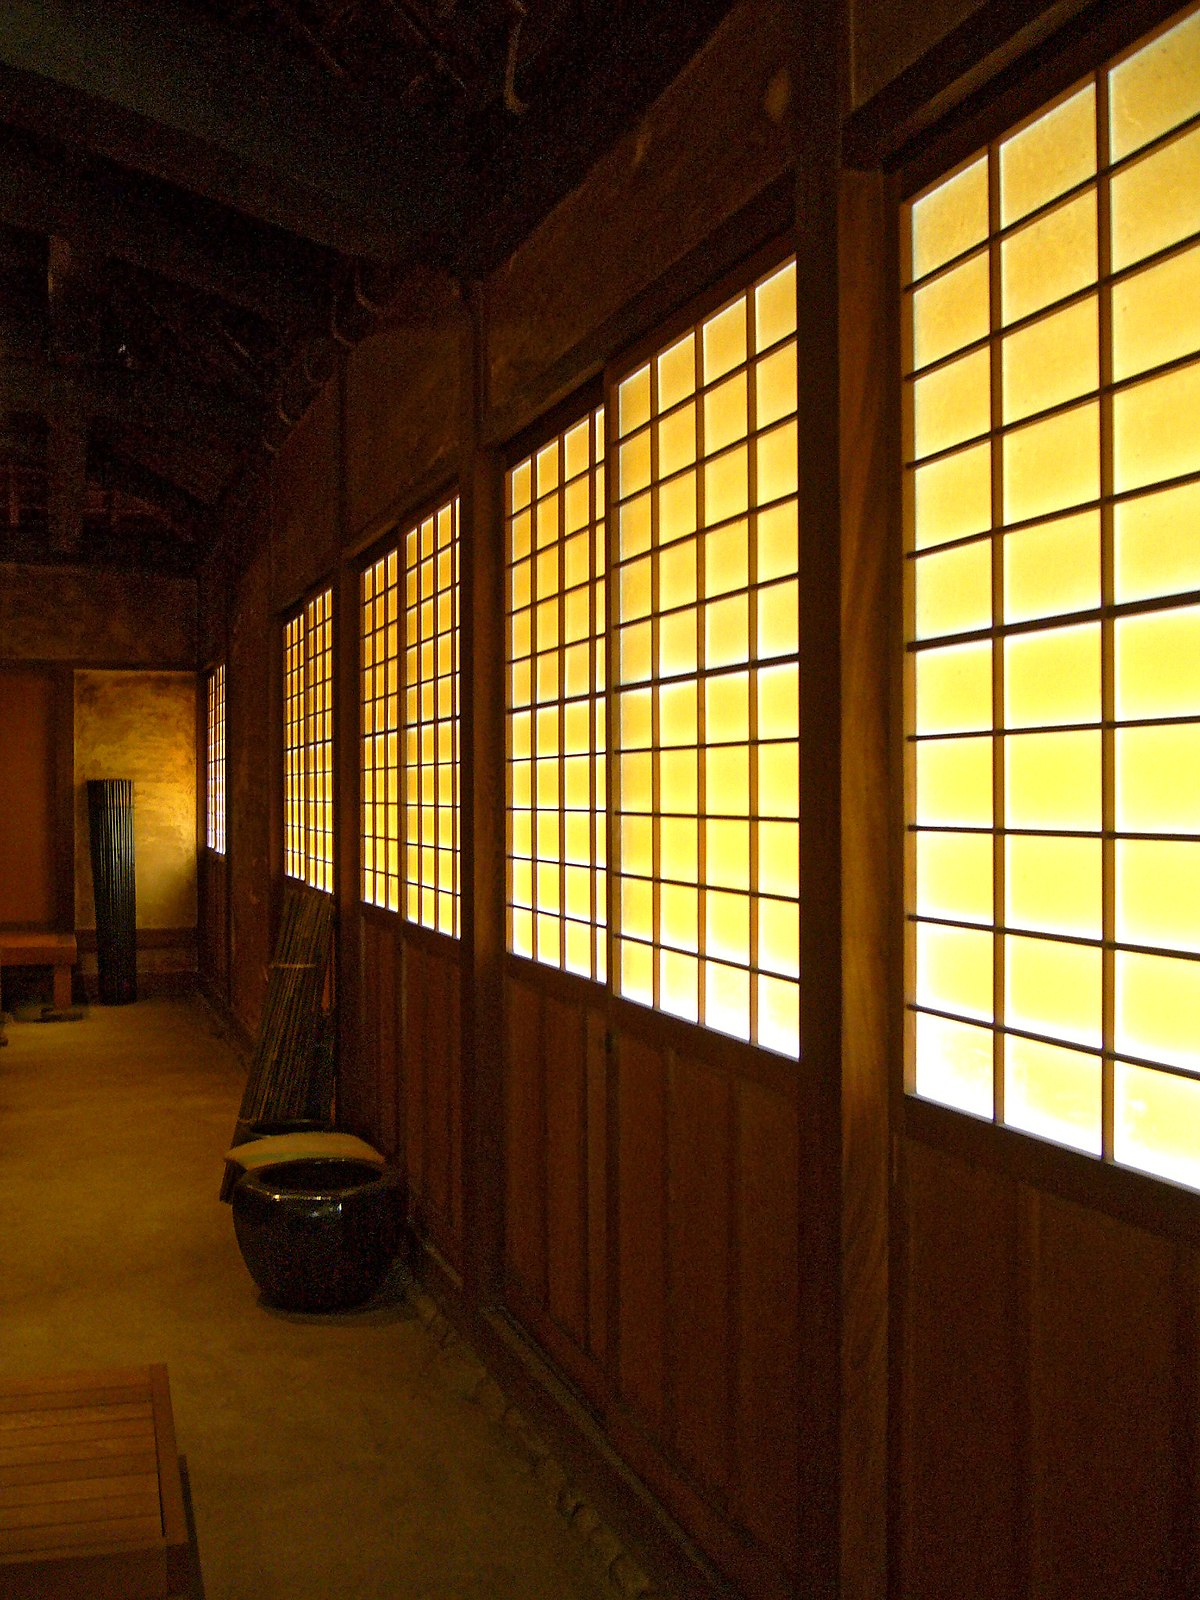 Interieur Maison Japonaise Traditionnelle shōji — wikipédia